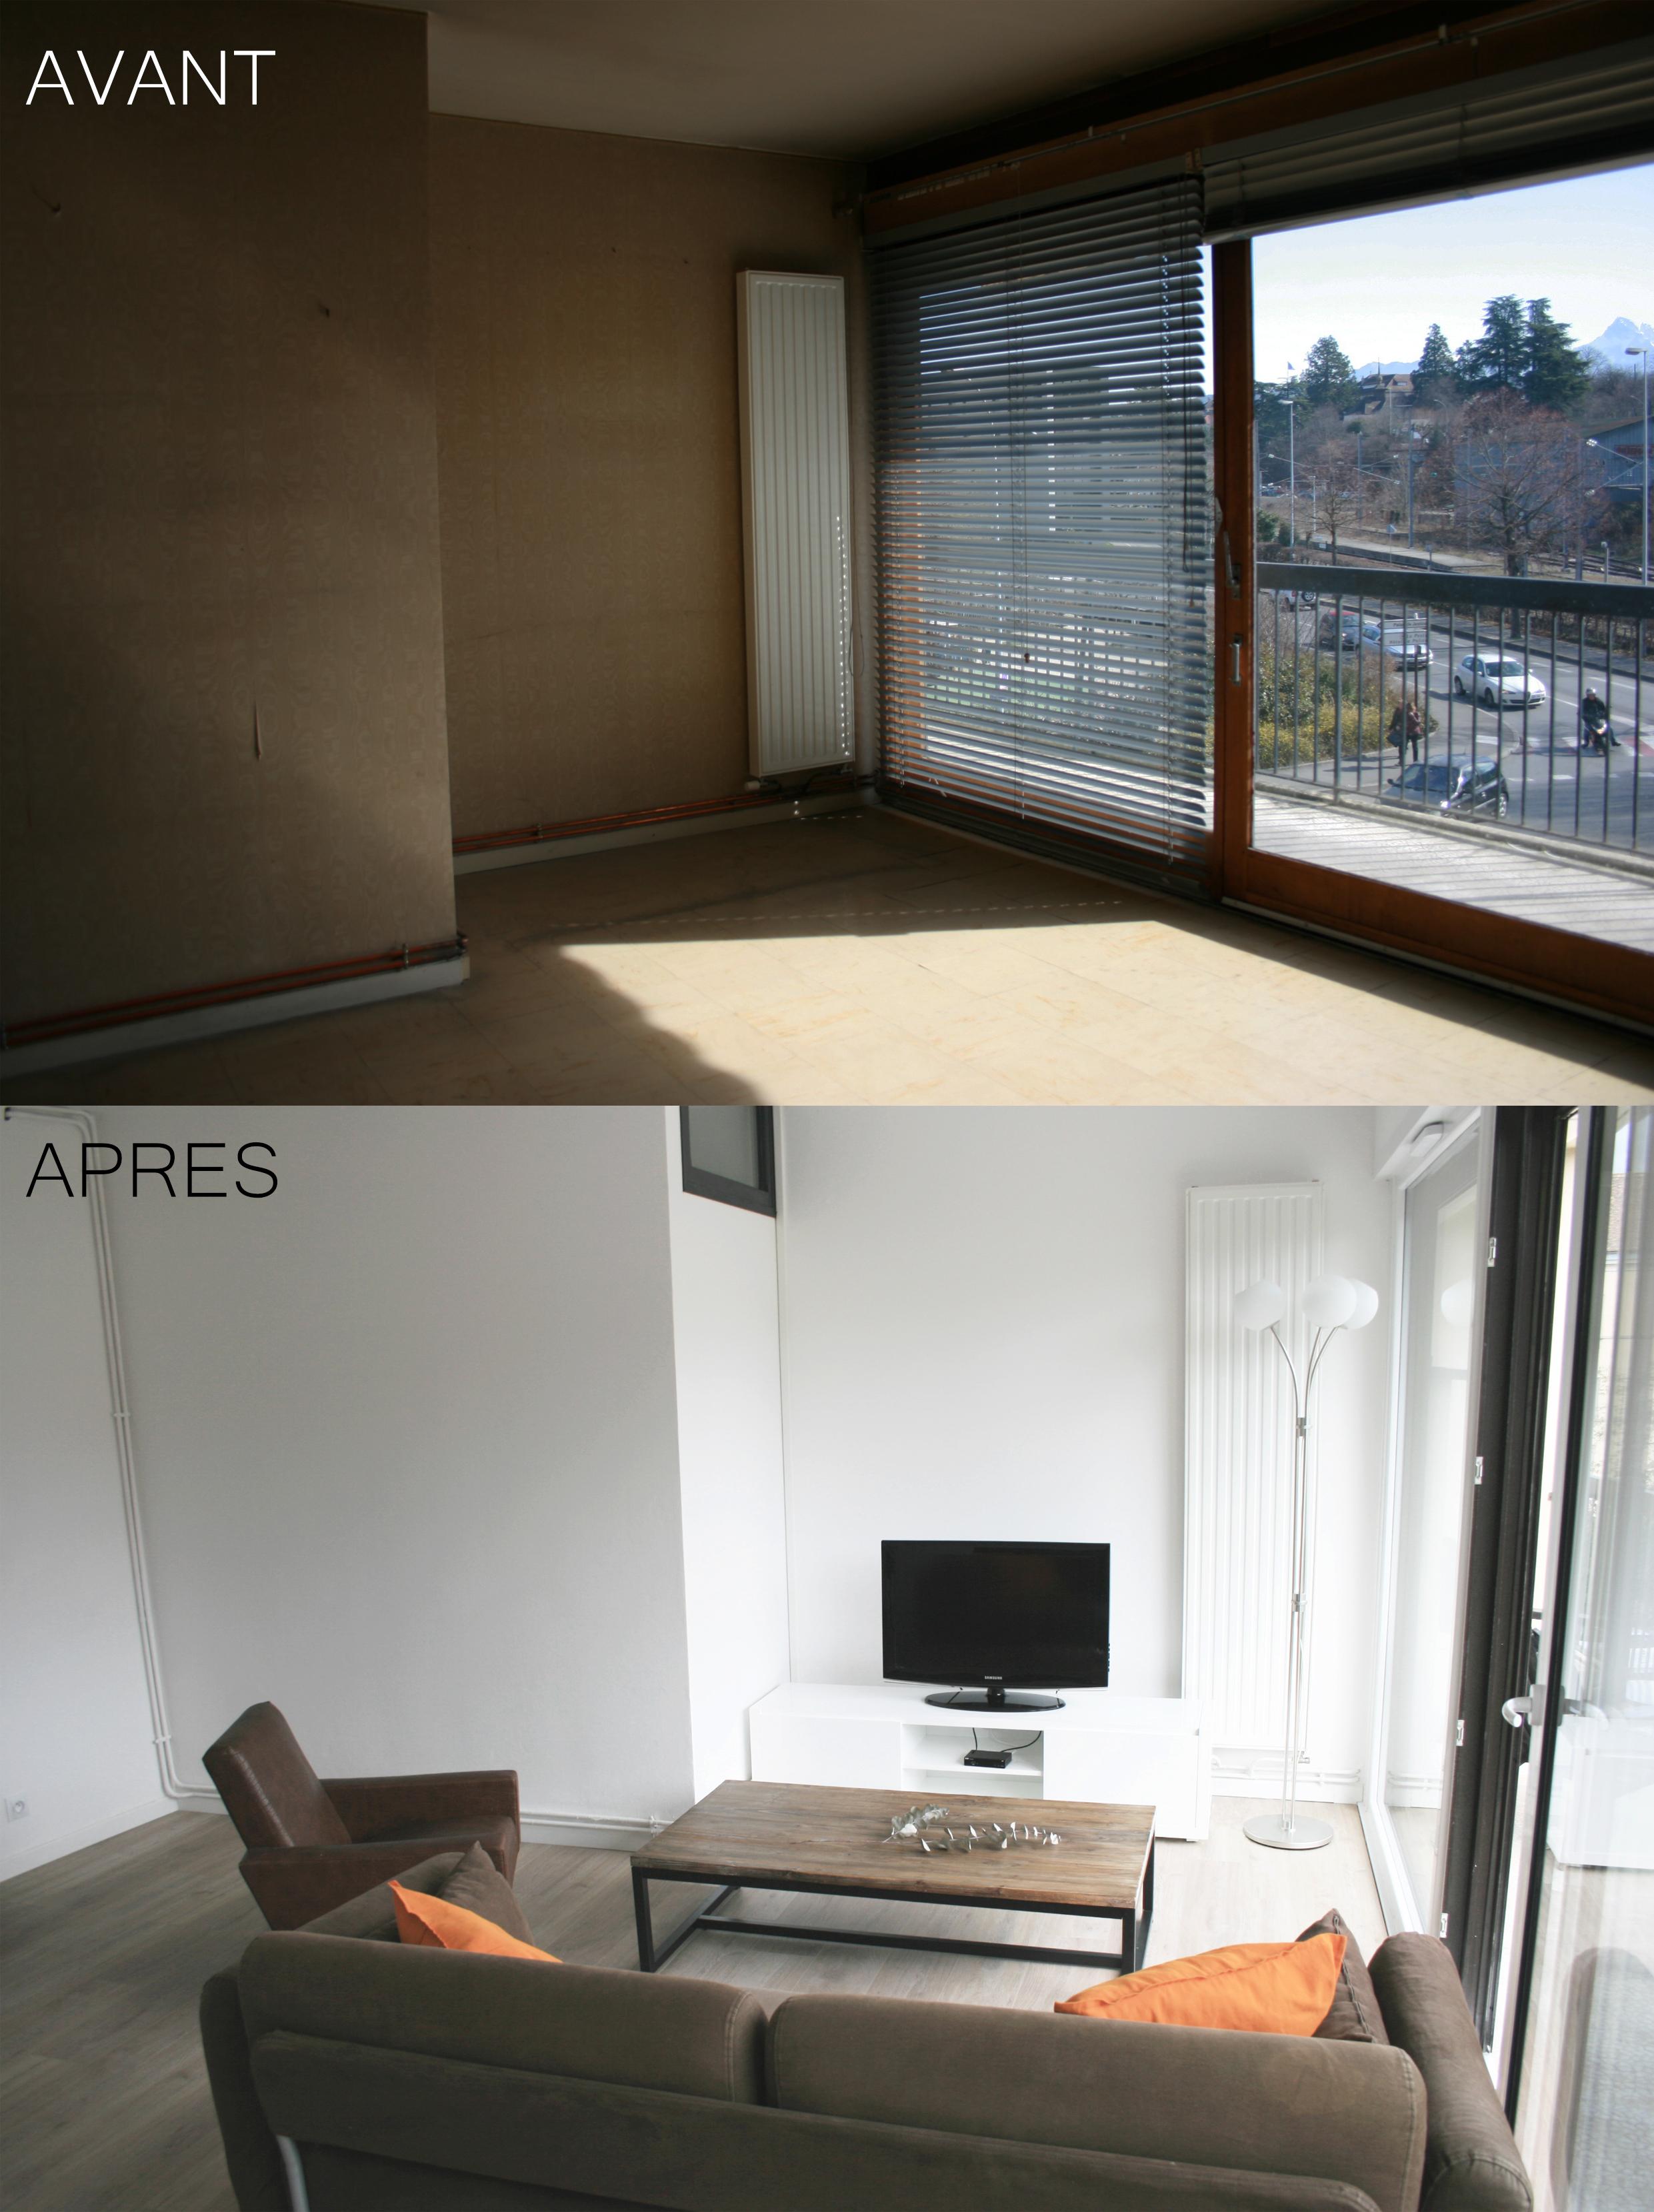 rénovation appartement - salon